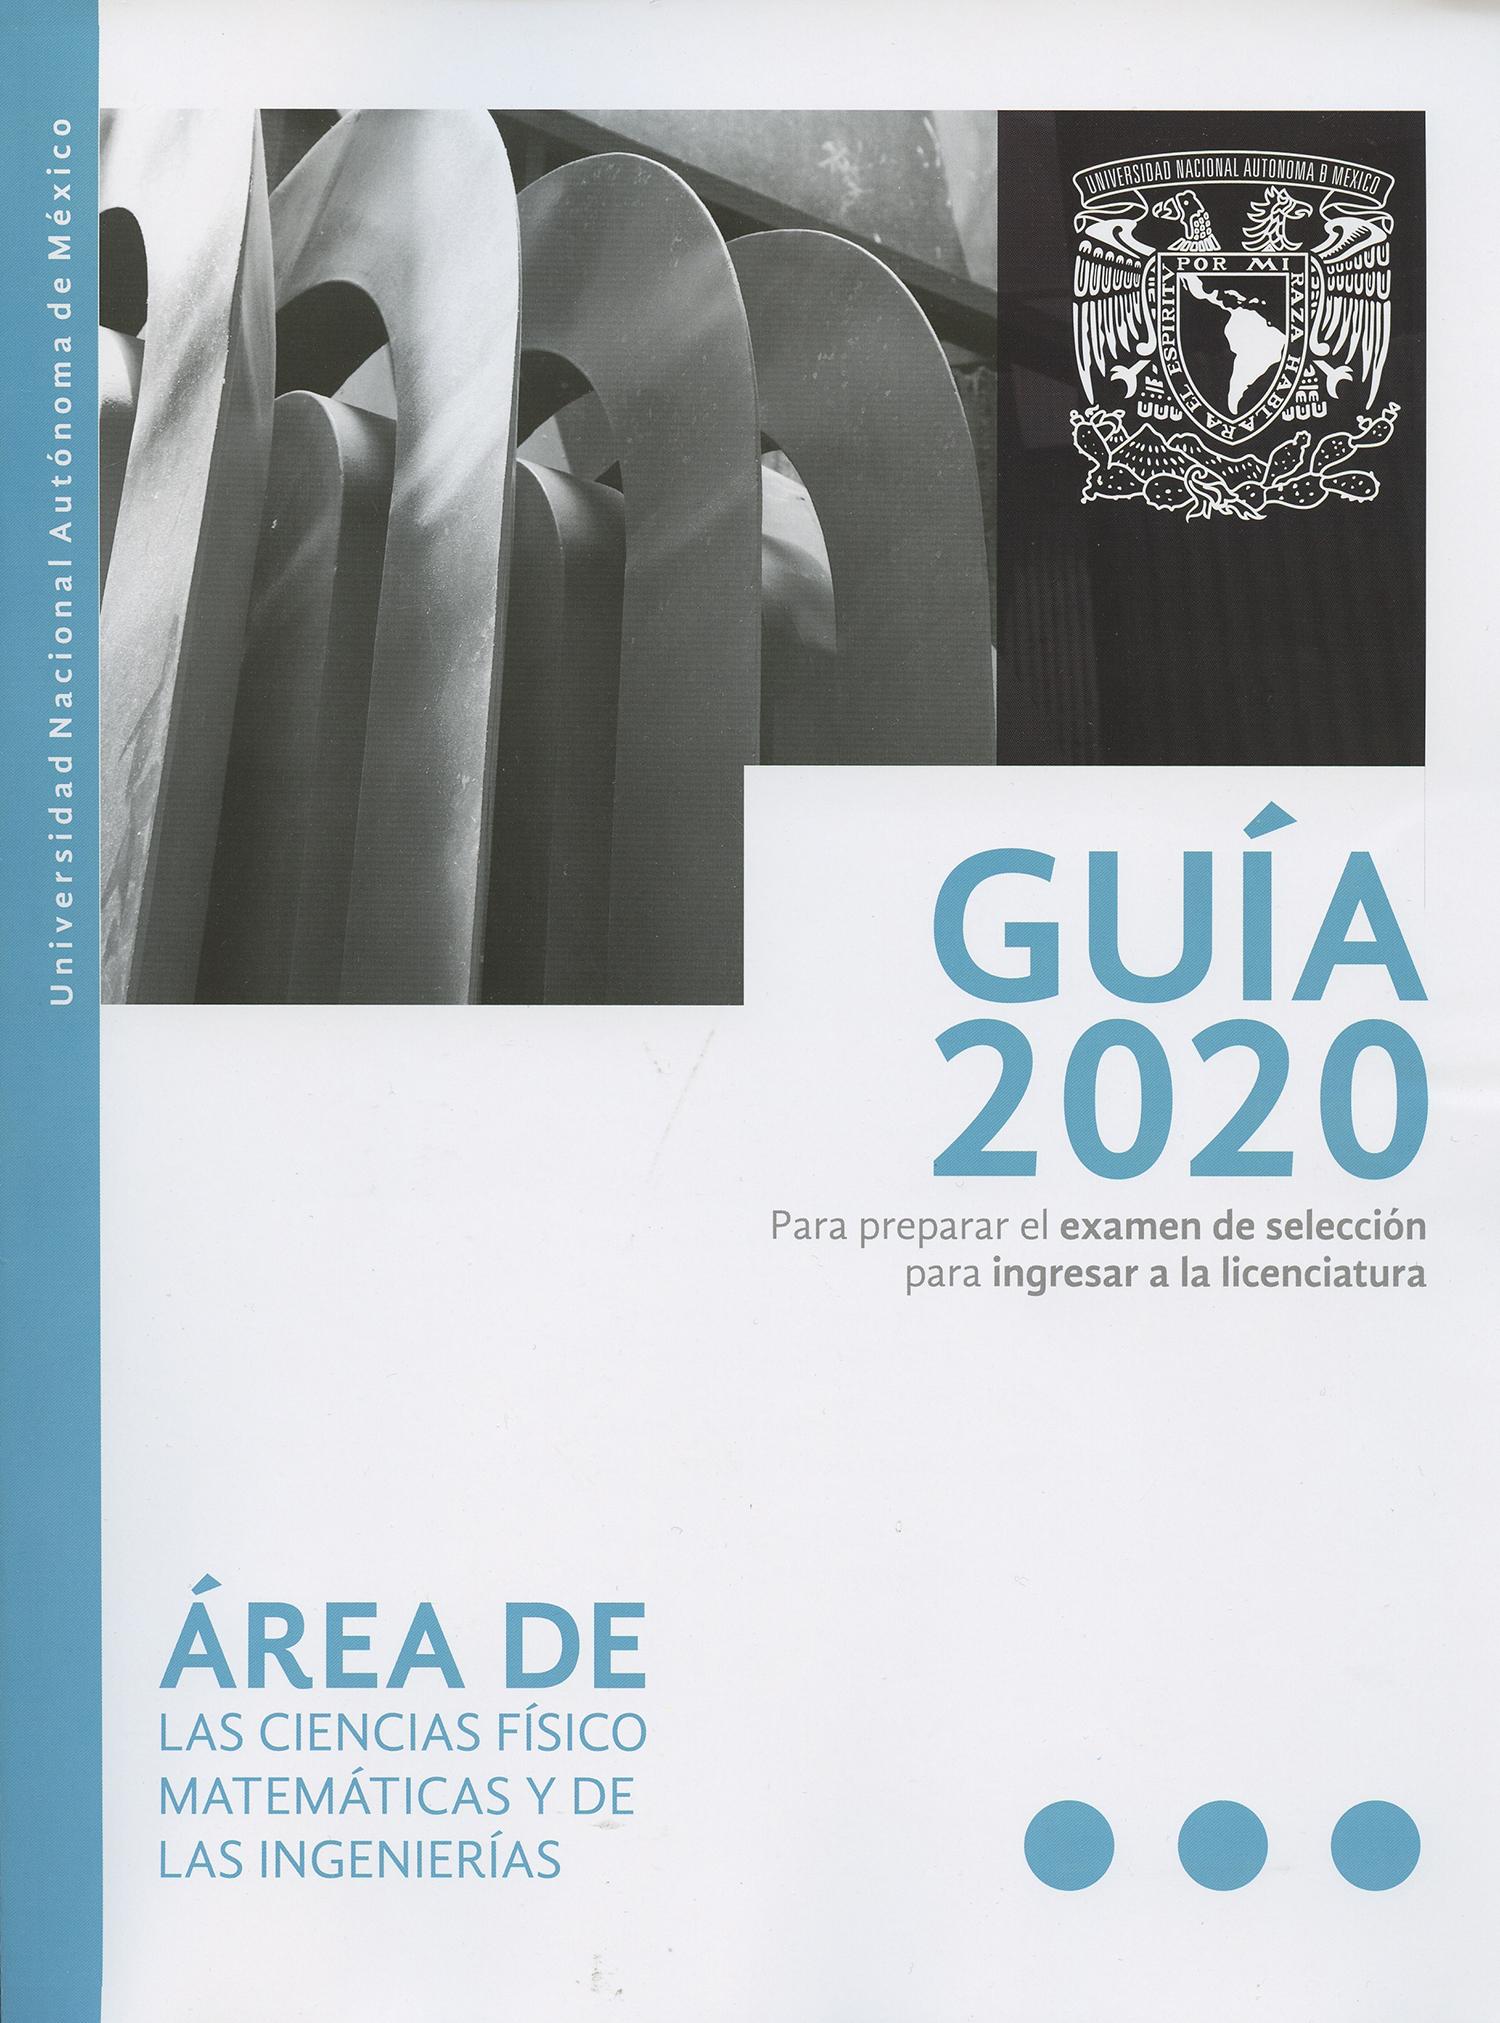 Guía 2020 para preparar el examen de selección de la licenciatura en ciencias físico matemáticas y de las ingenierías